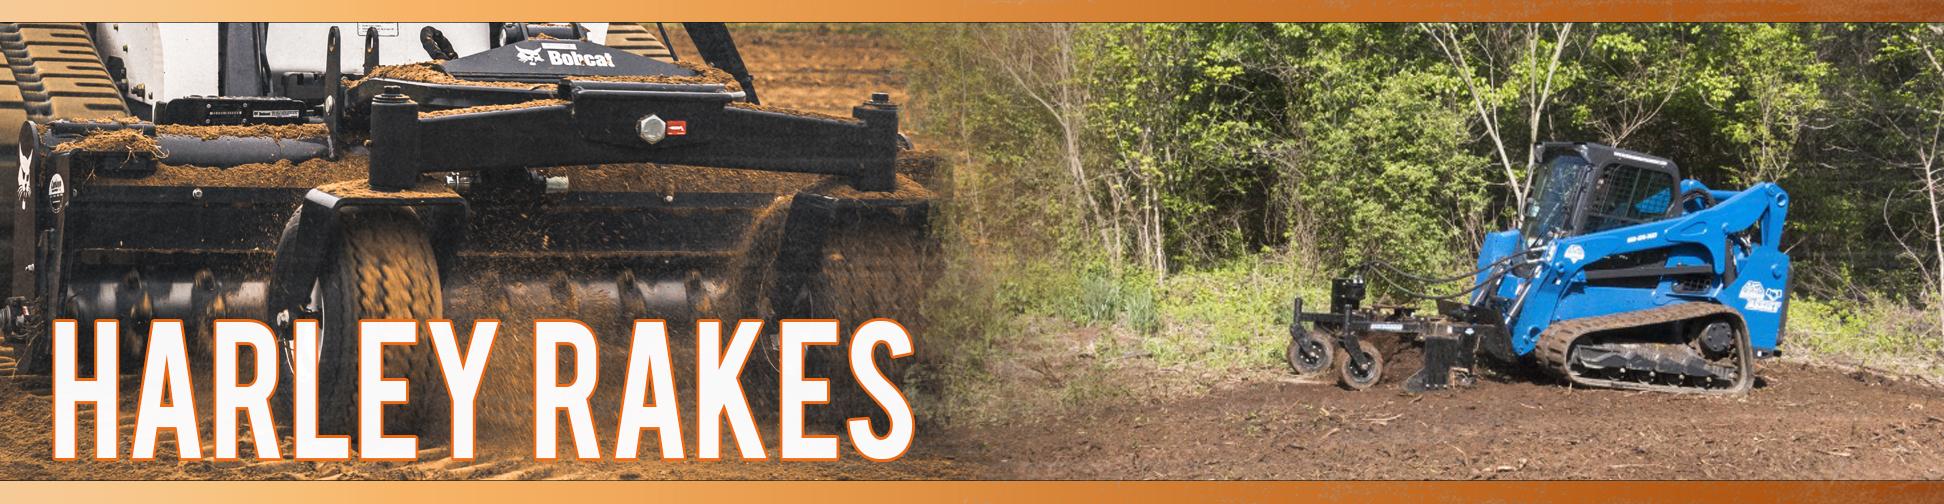 Skid Steer Harley Rakes